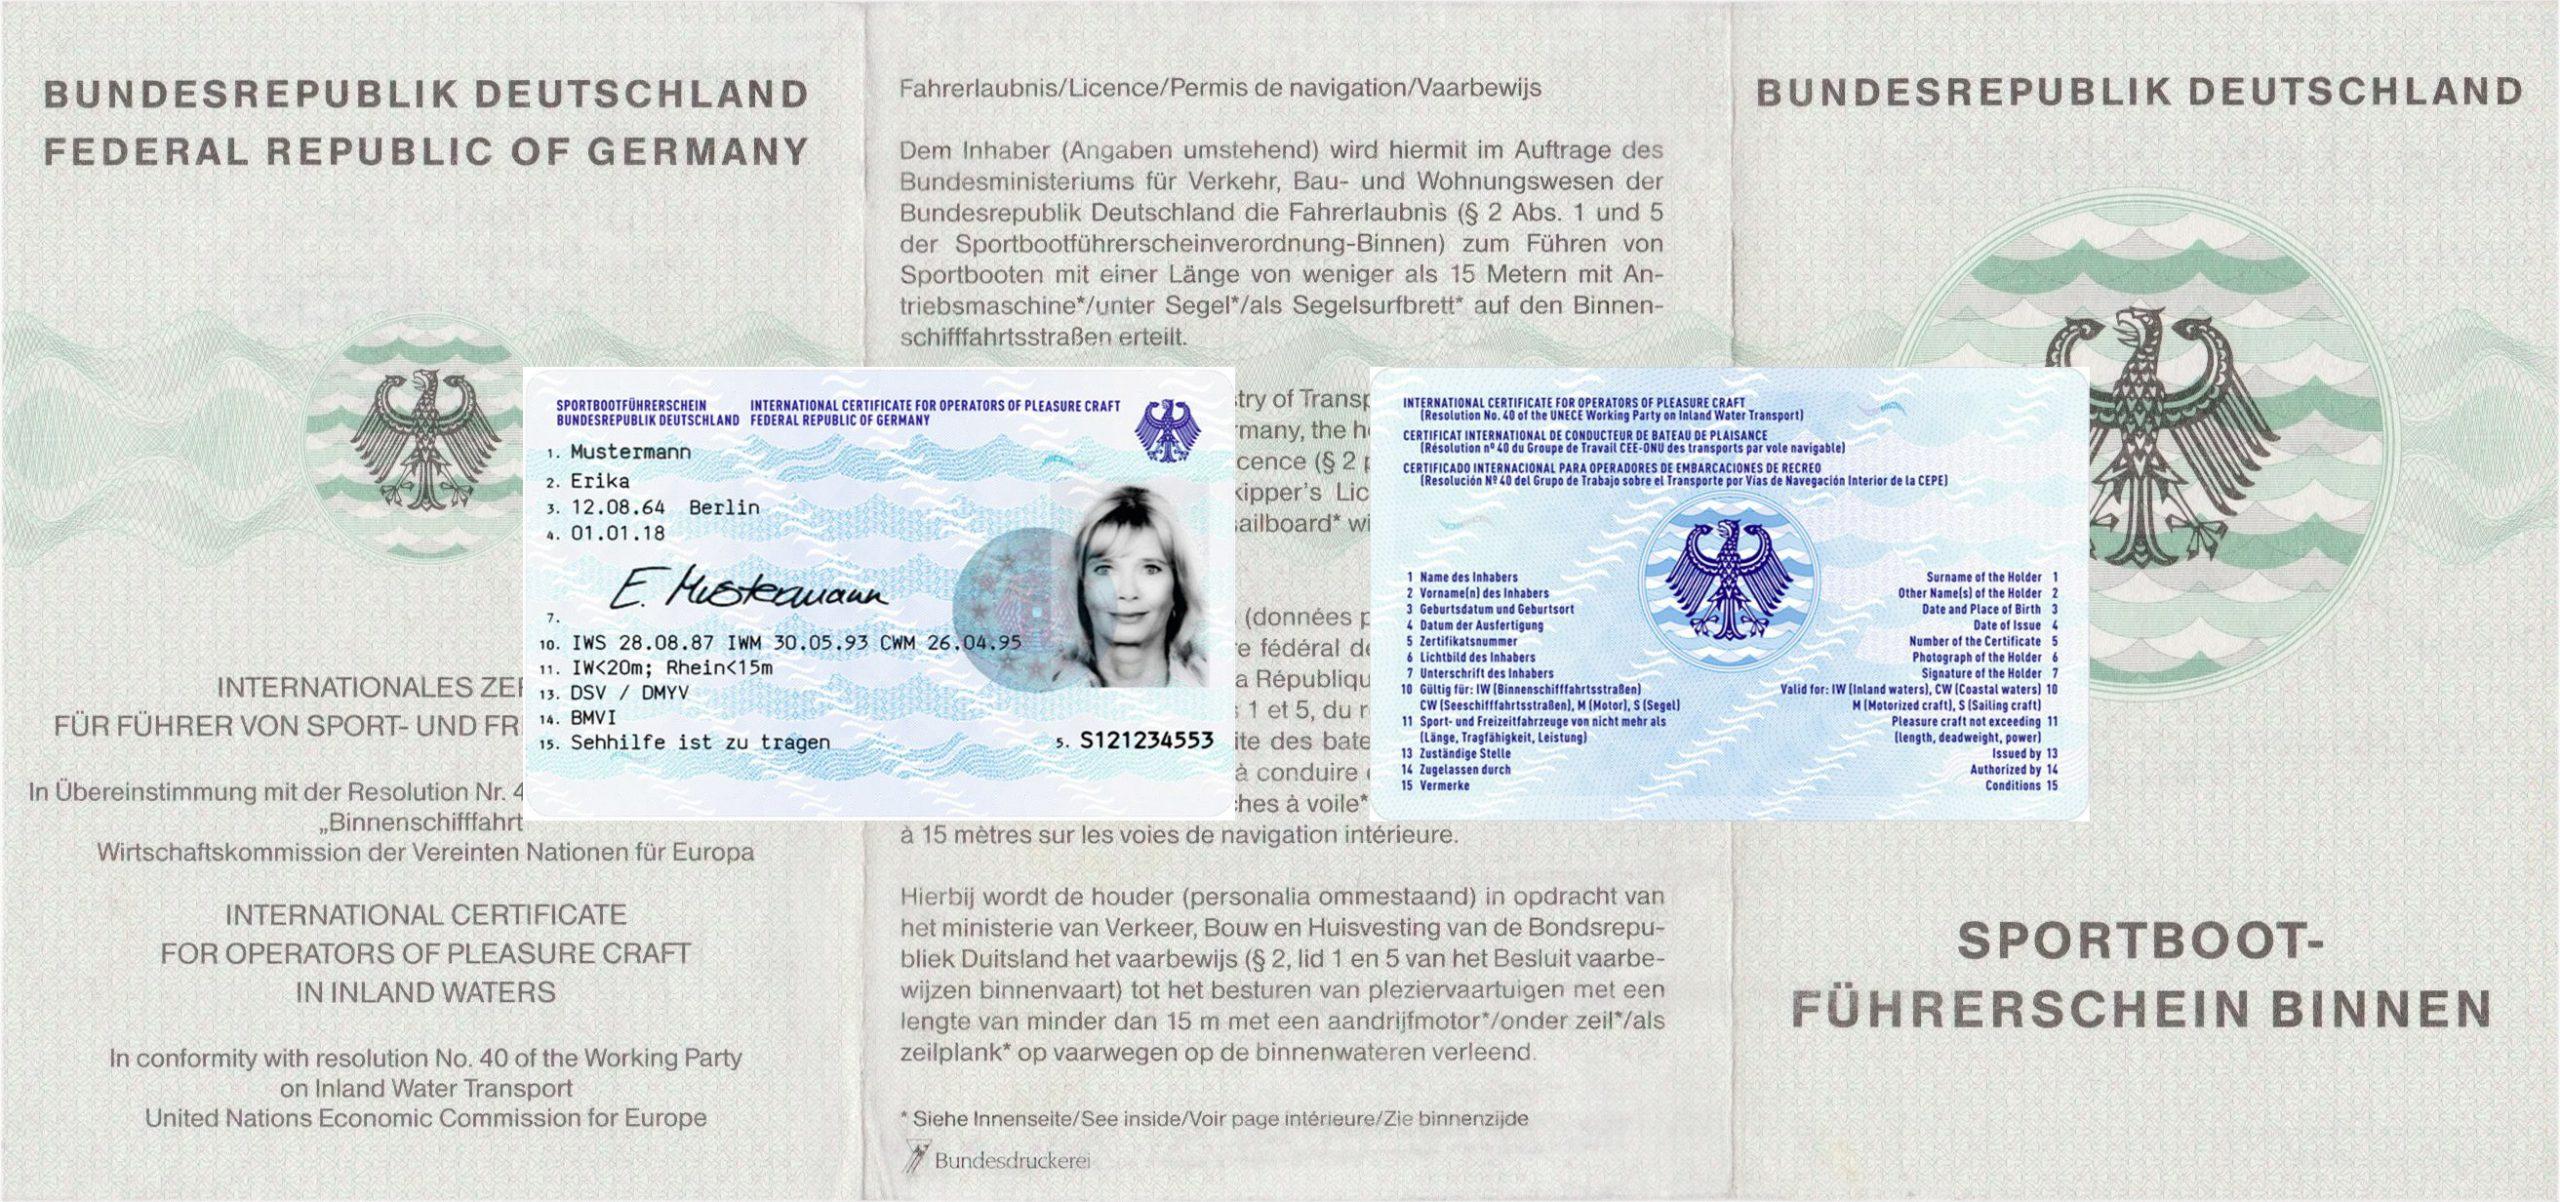 News: Sportbootsführerschein verwandt mit Motorbootführerschein Berlin Kosten